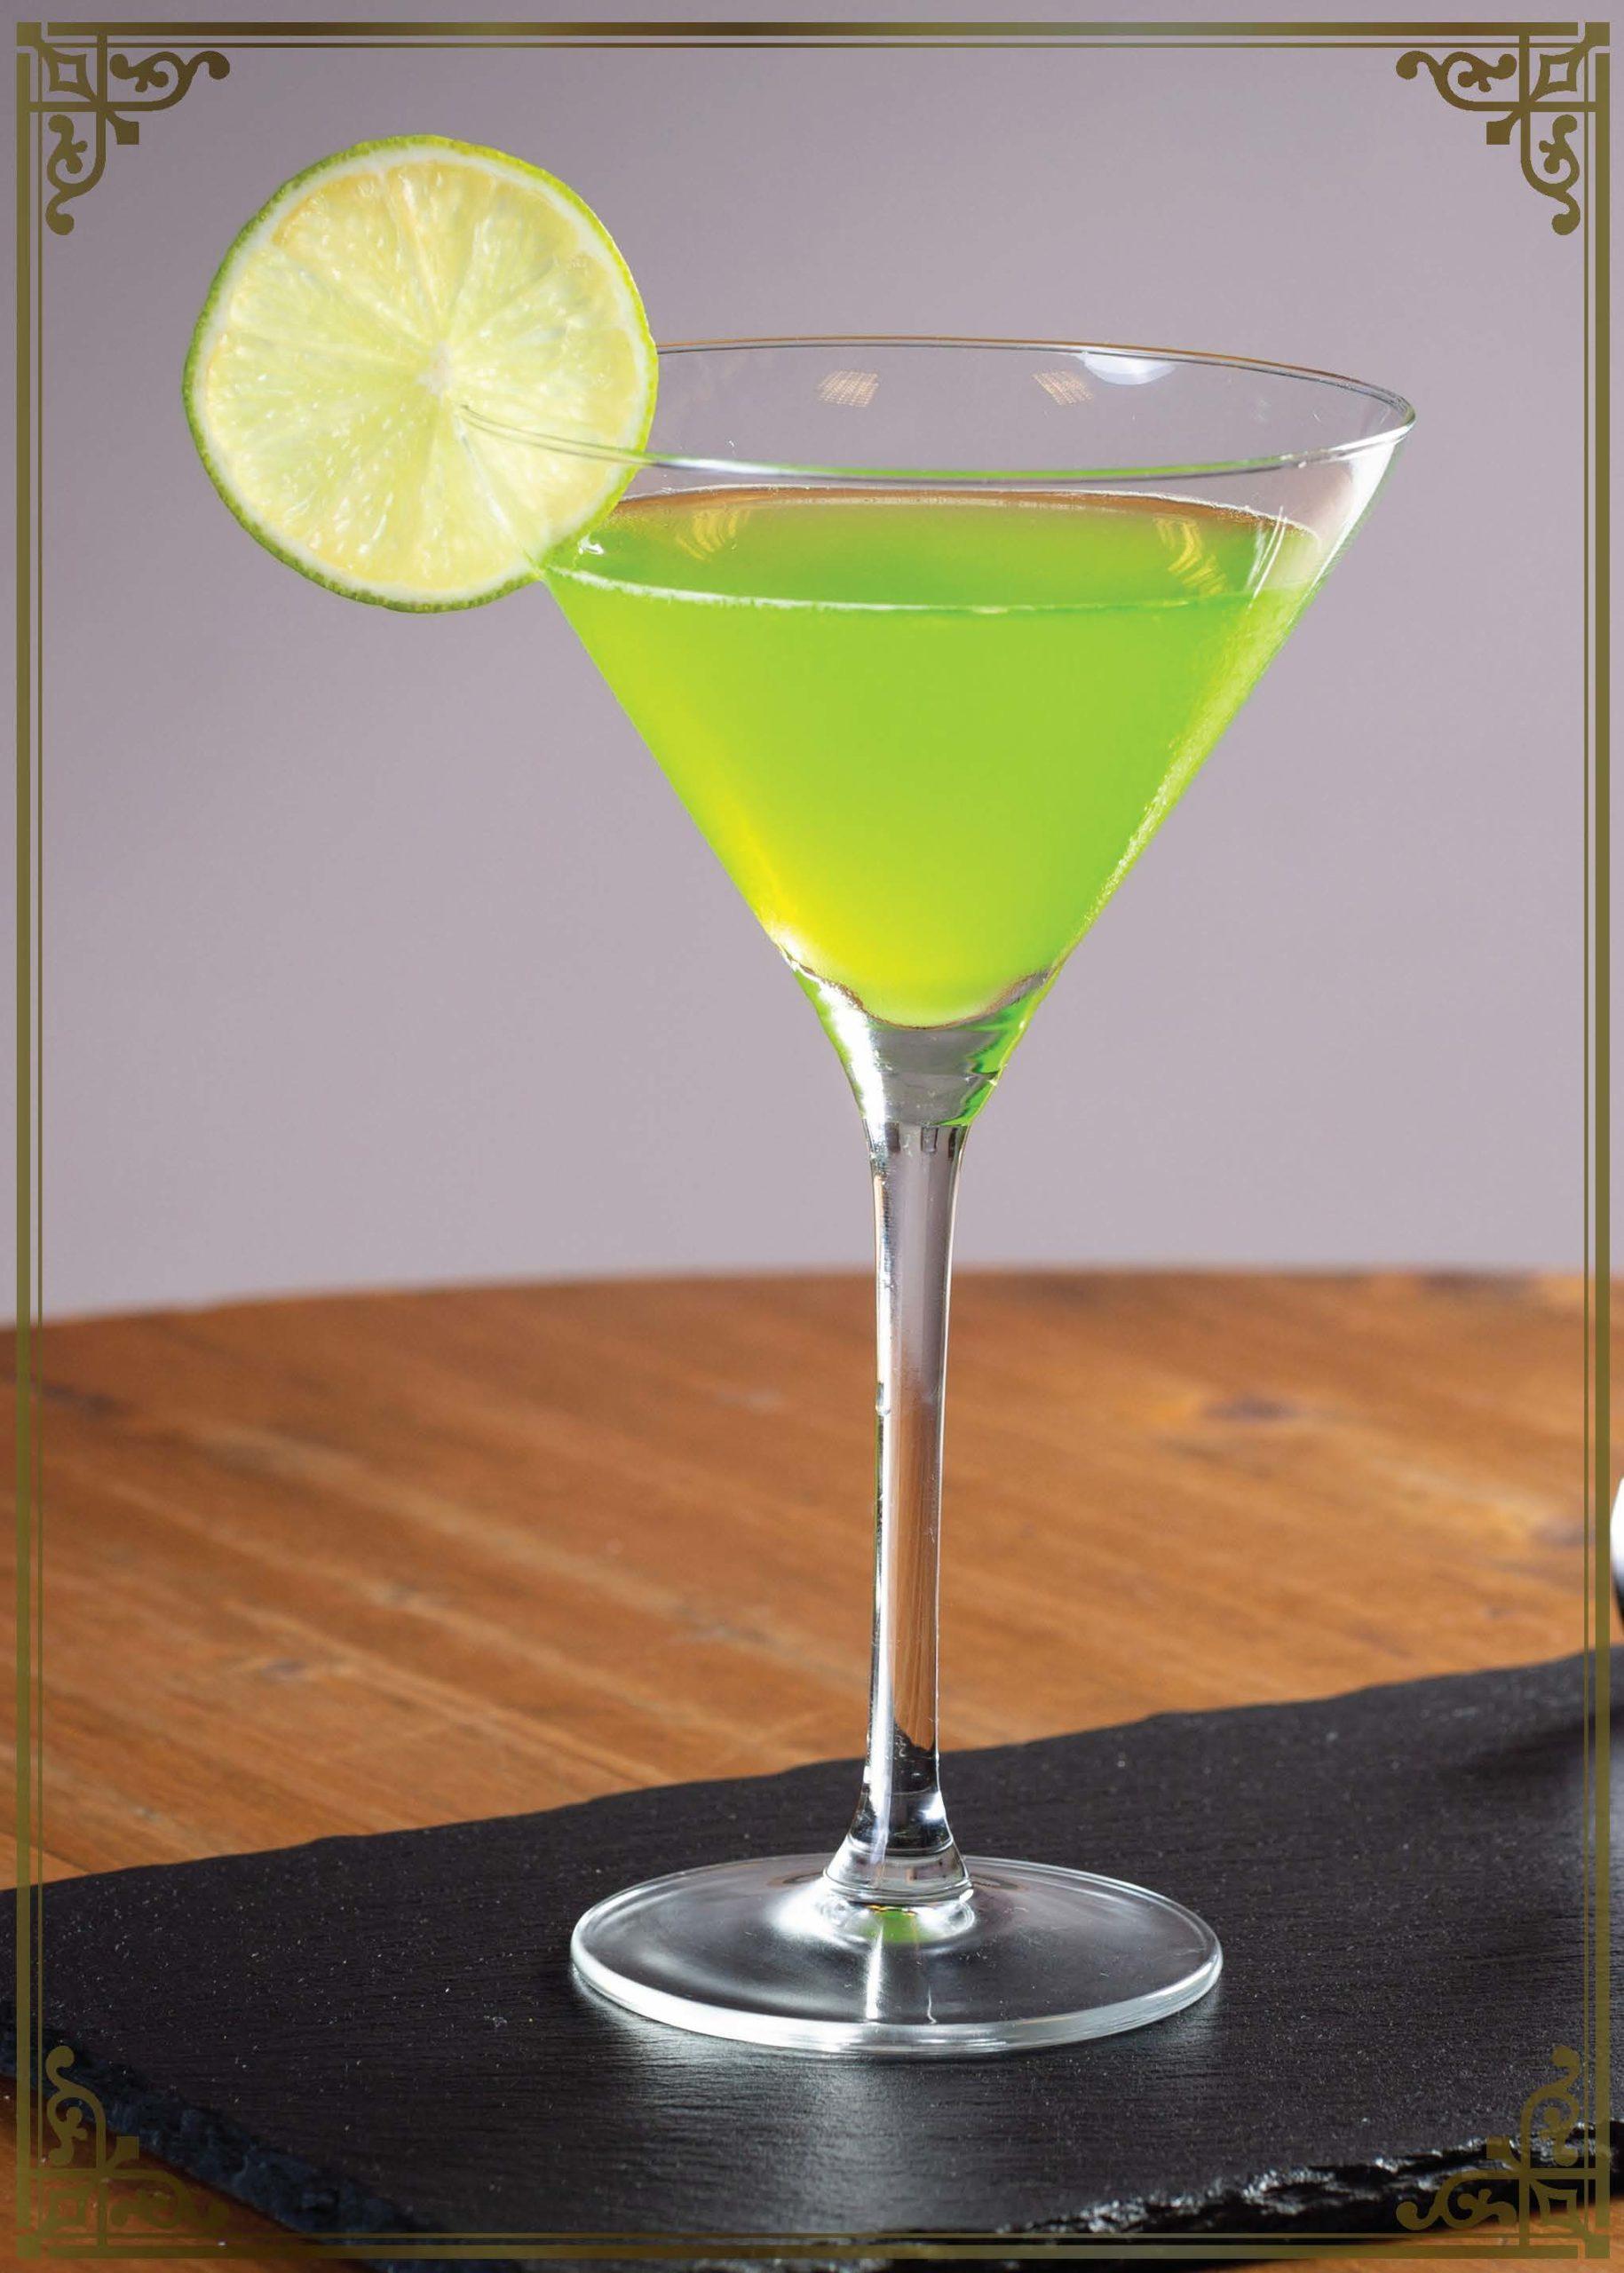 limonquore-sour